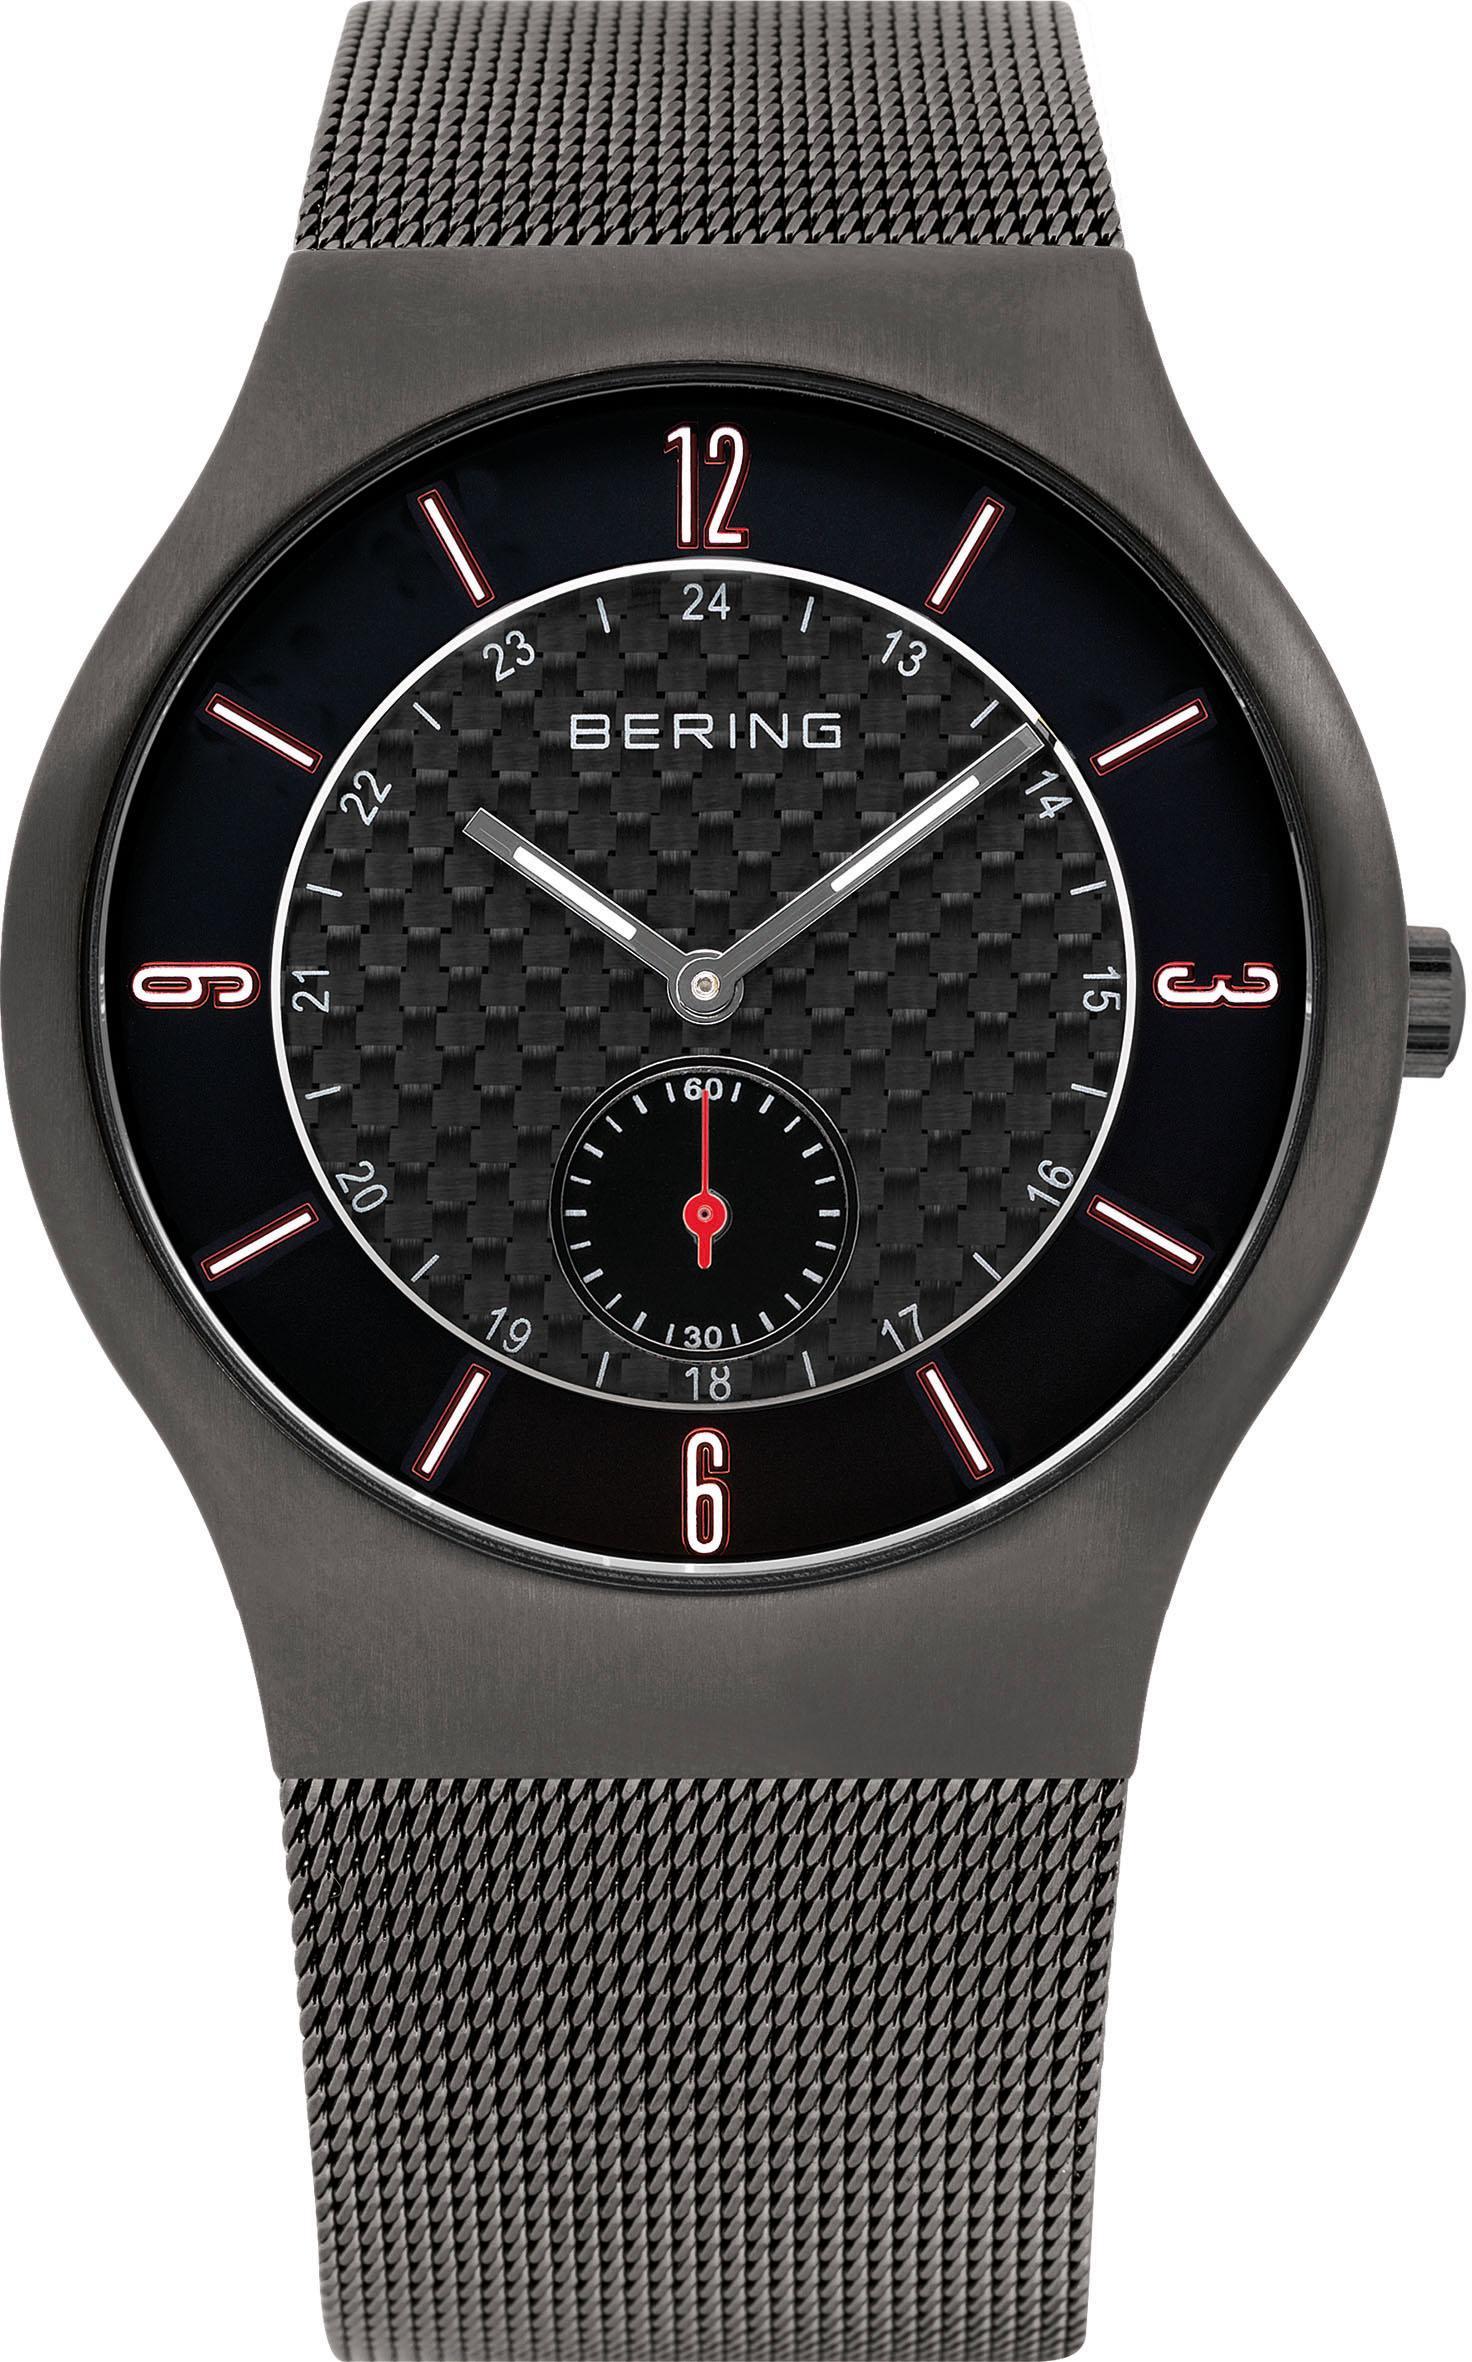 Bering Quarzuhr 11940-377   Uhren   Grau   Bering